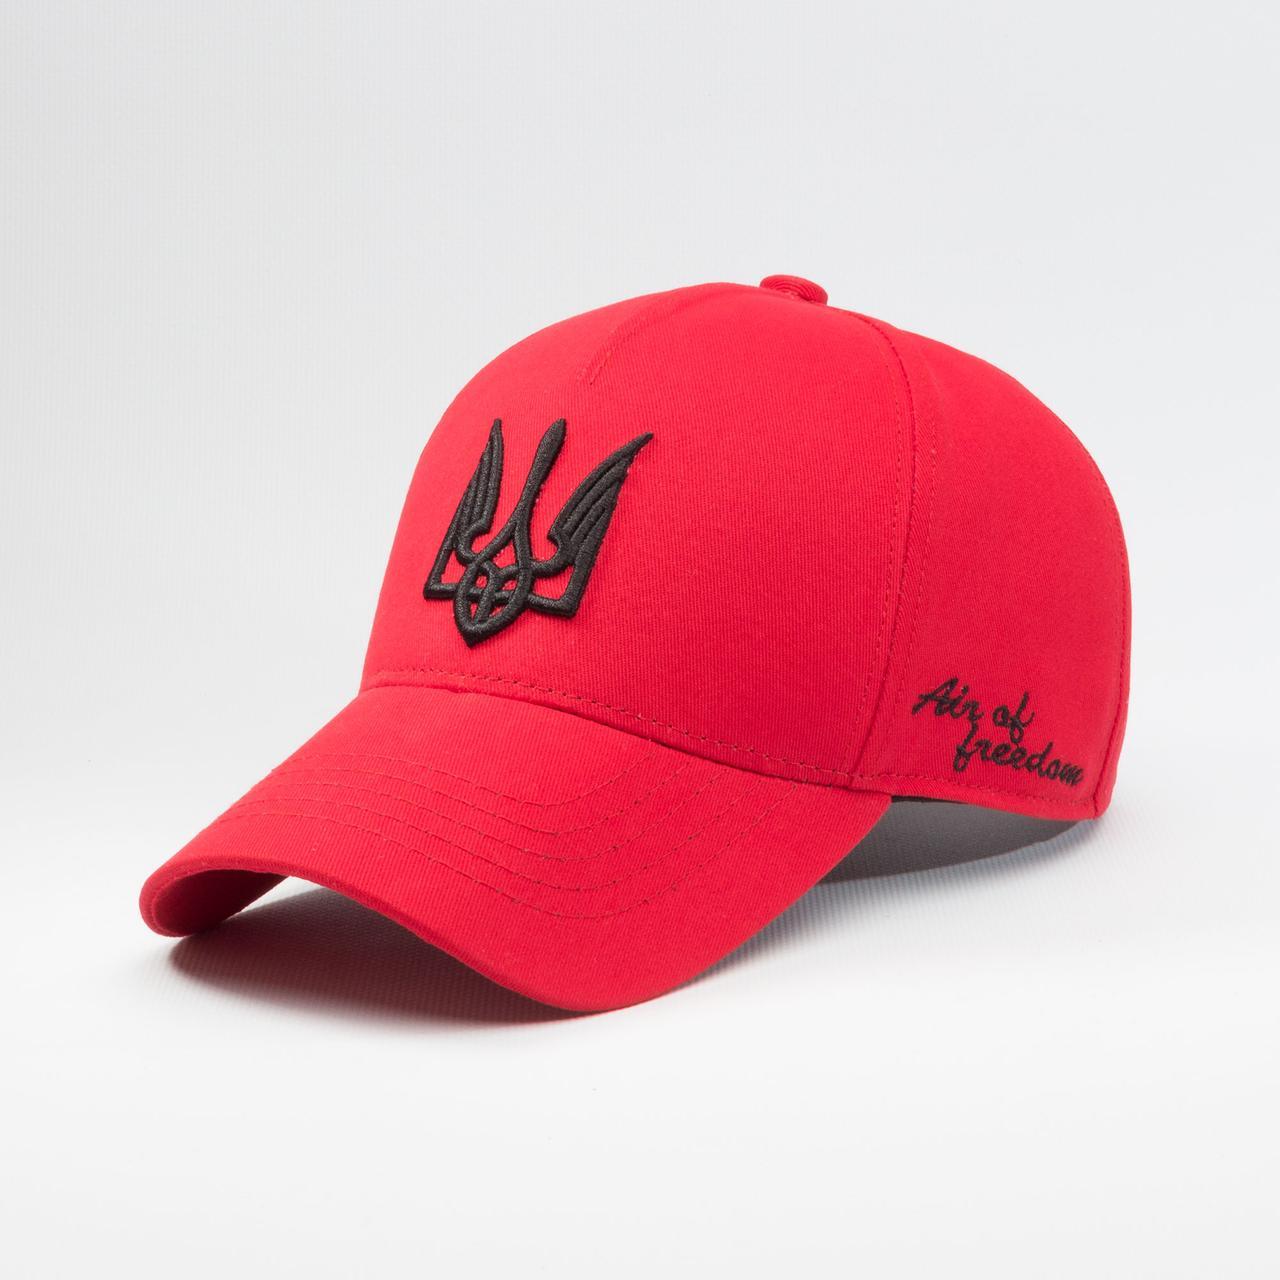 Купить Кепка бейсболка мужская INAL air of freedom S / 53-54 RU Красный 209753